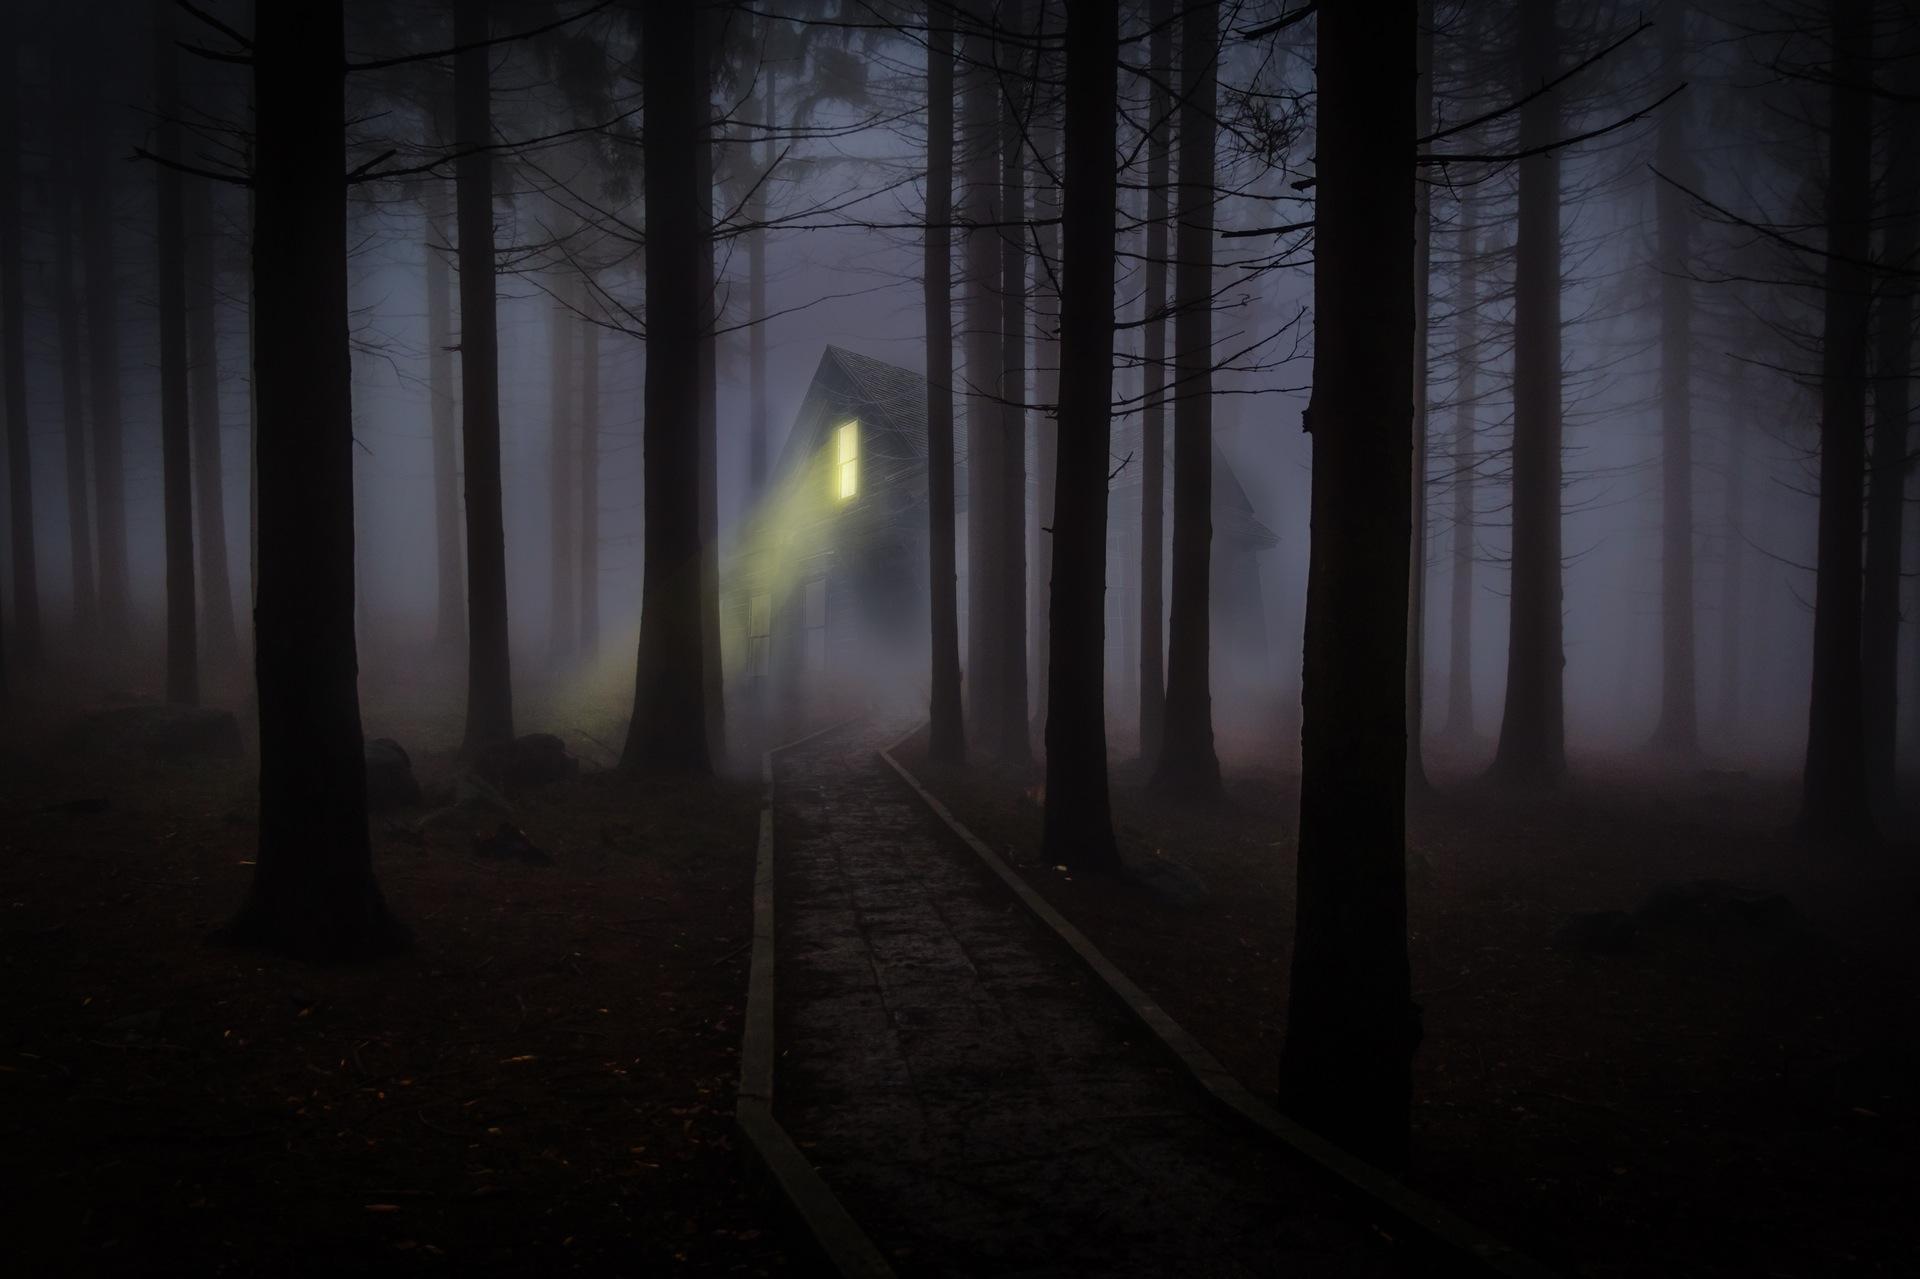 μέσω, τρένο, ομίχλη, Σπίτι, δάσος - Wallpapers HD - Professor-falken.com